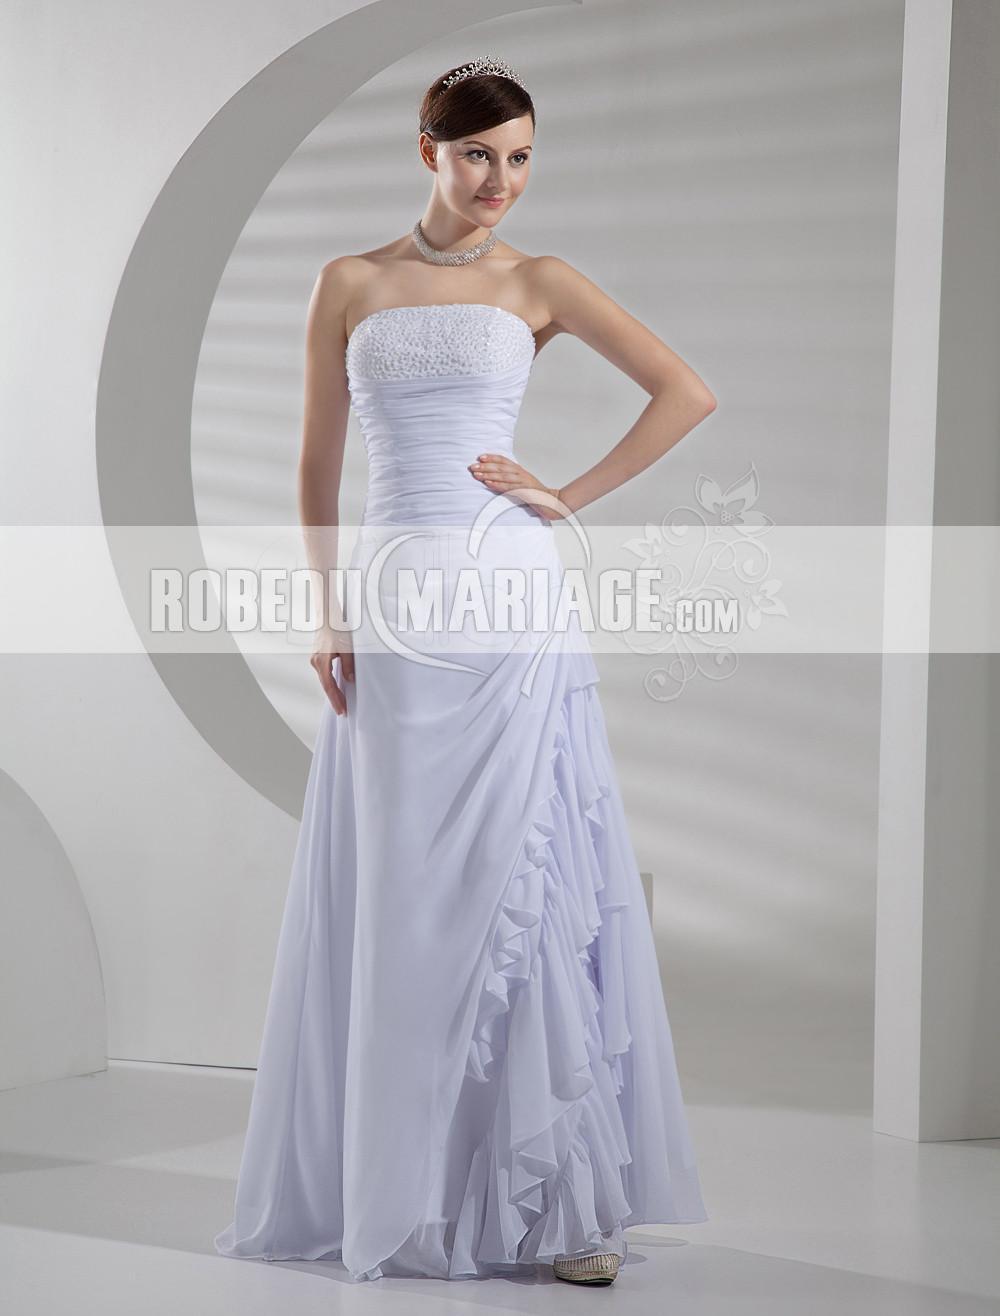 ... vintage > Robe de mariée vintage en chiffon avec perles pas cher